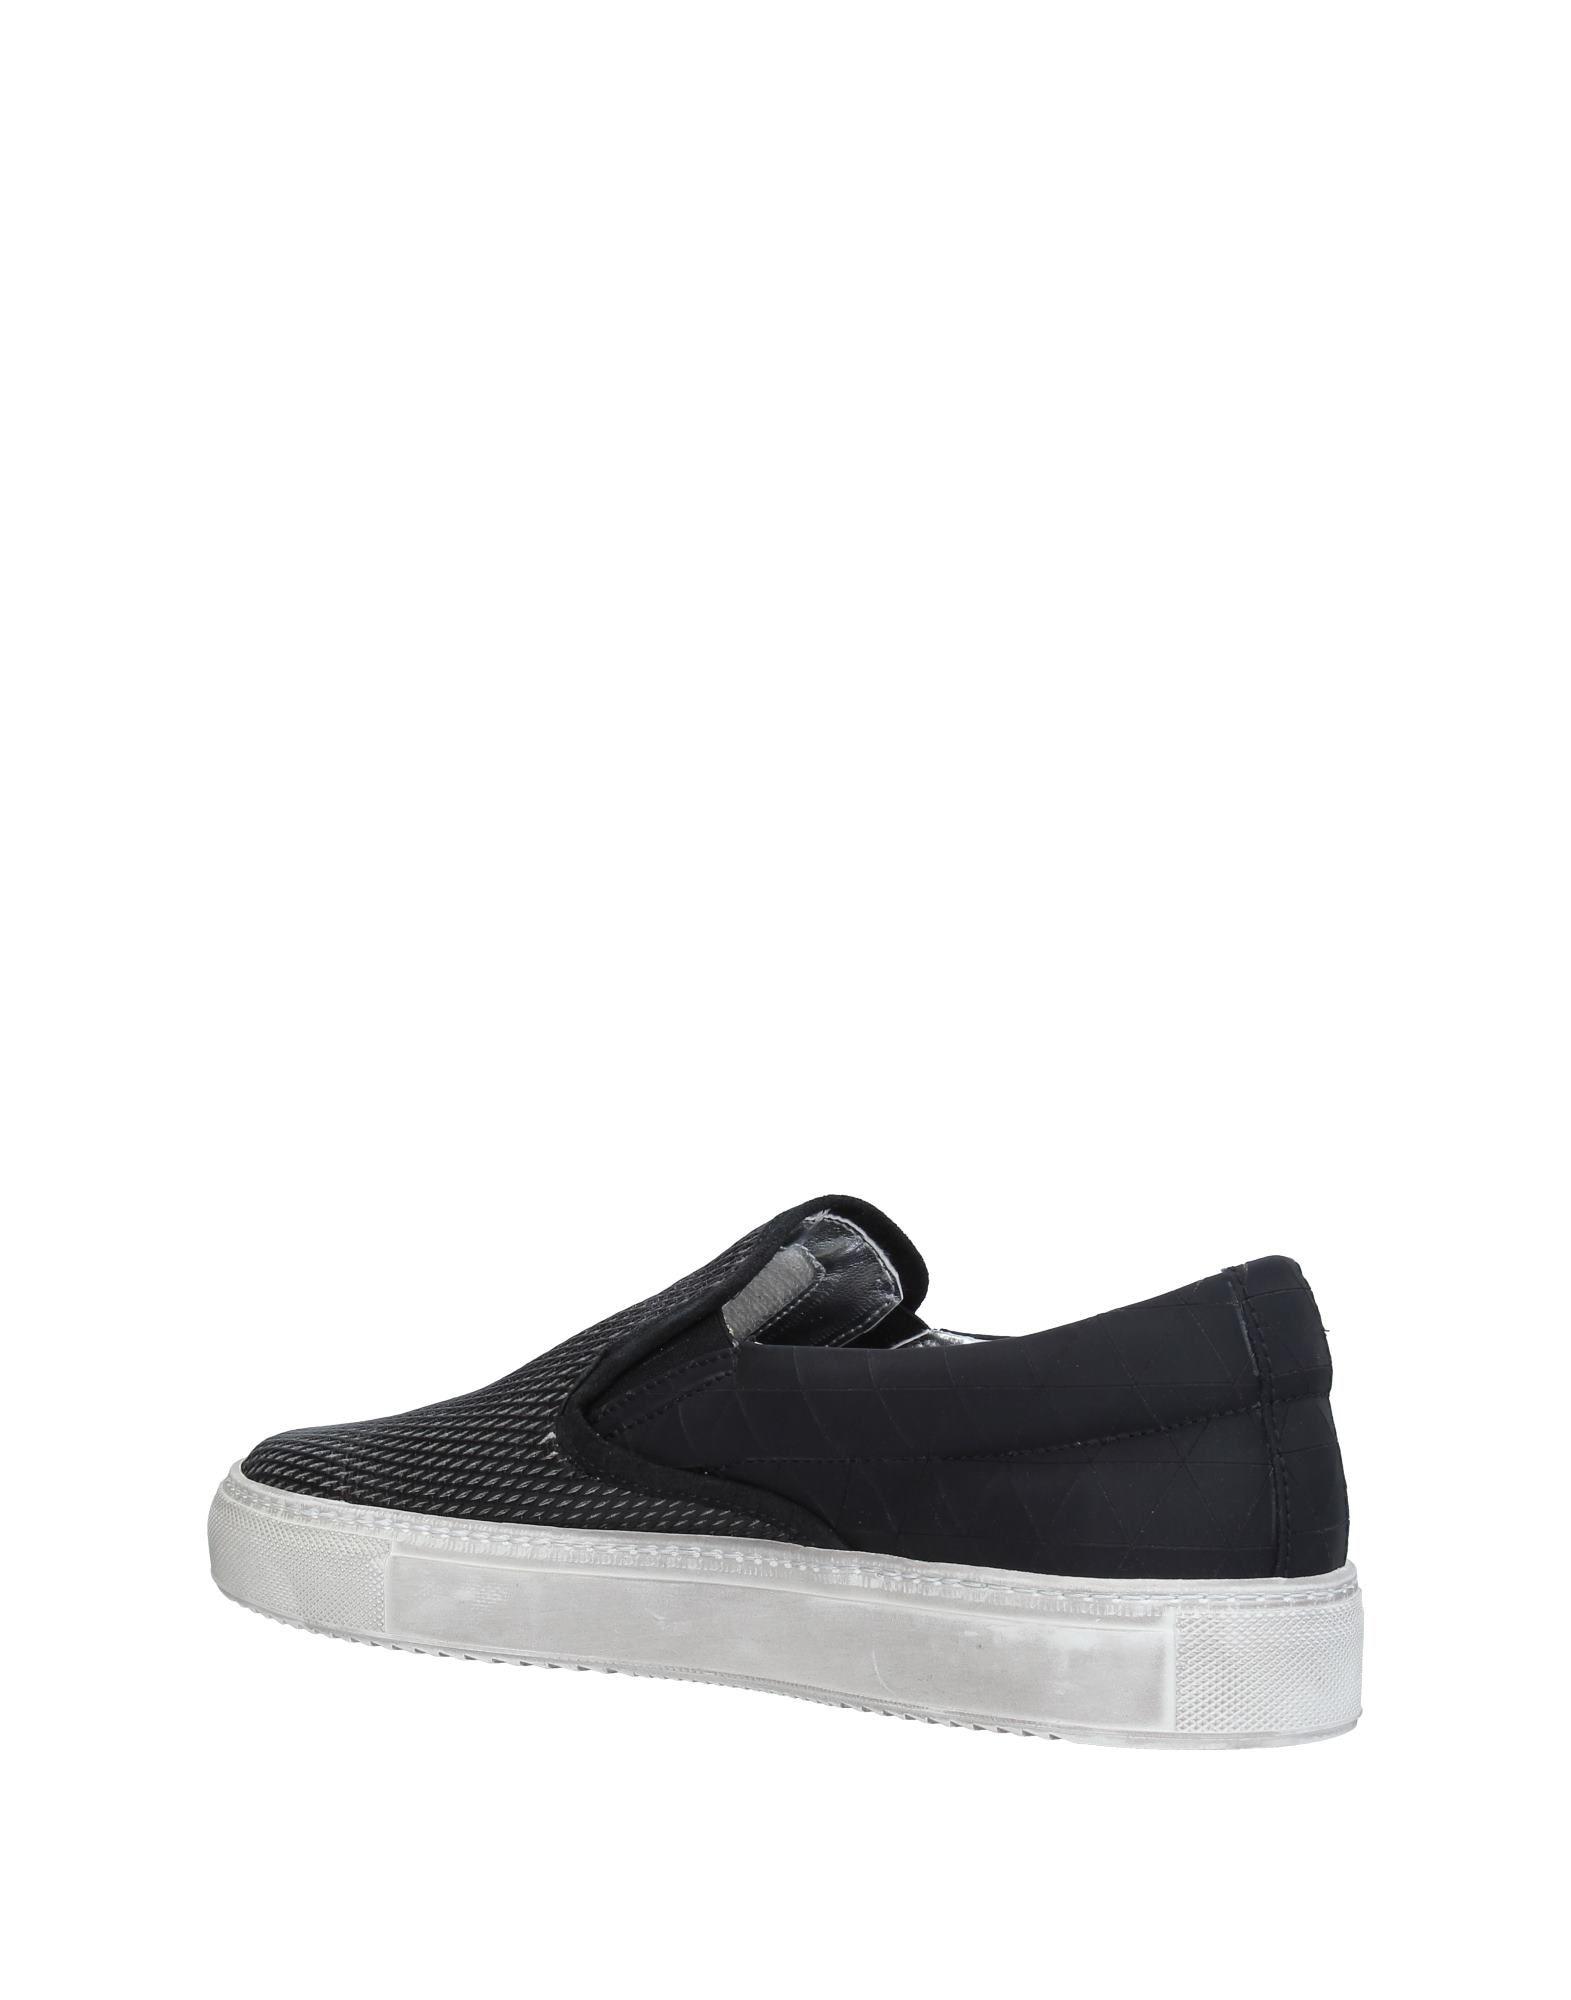 P448  Sneakers Herren  P448 11339074EO Heiße Schuhe 655ad4